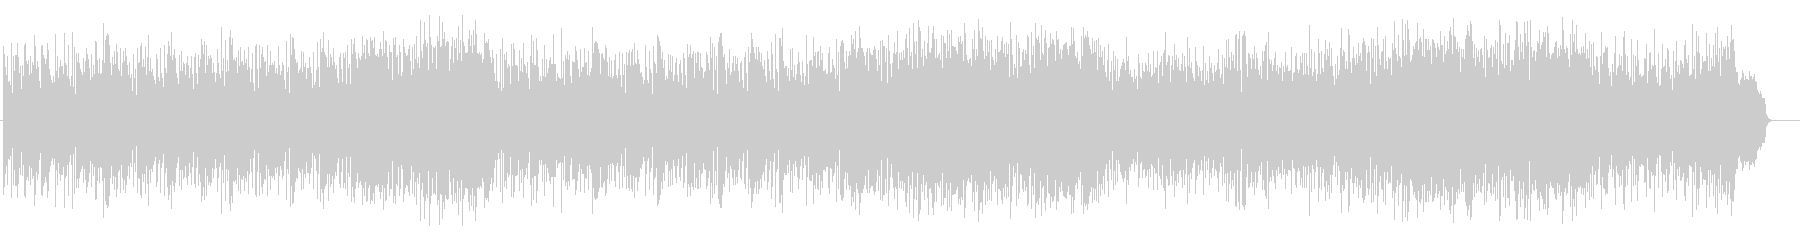 大人の軽快なフュージョン(フルサイズ)の未再生の波形